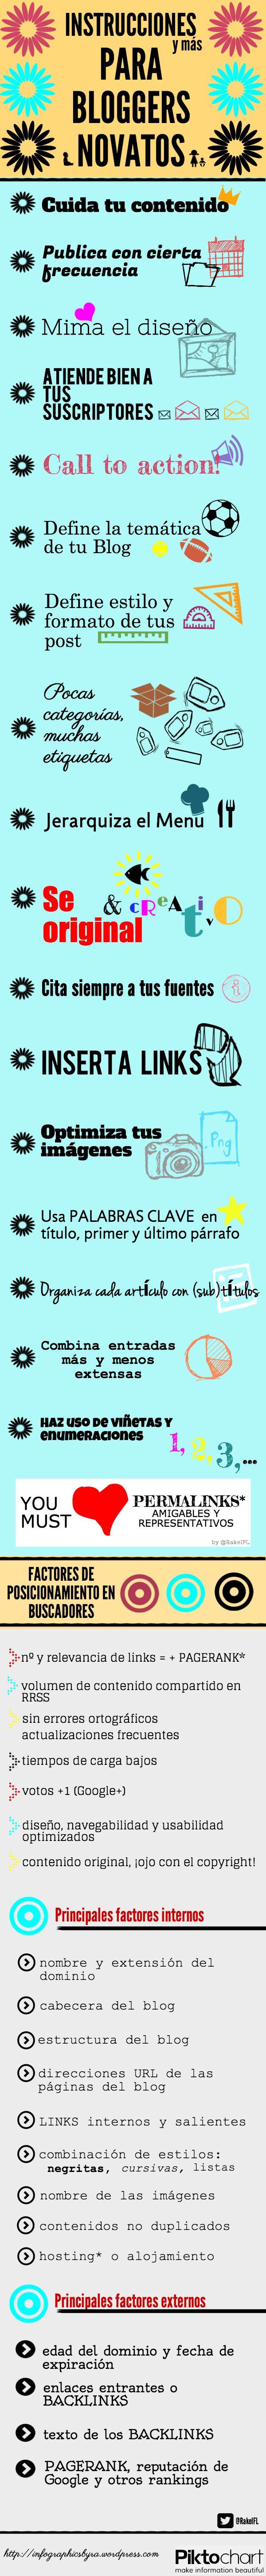 Infografía Instrucciones y más para bloggers novatos , by @RakelFL